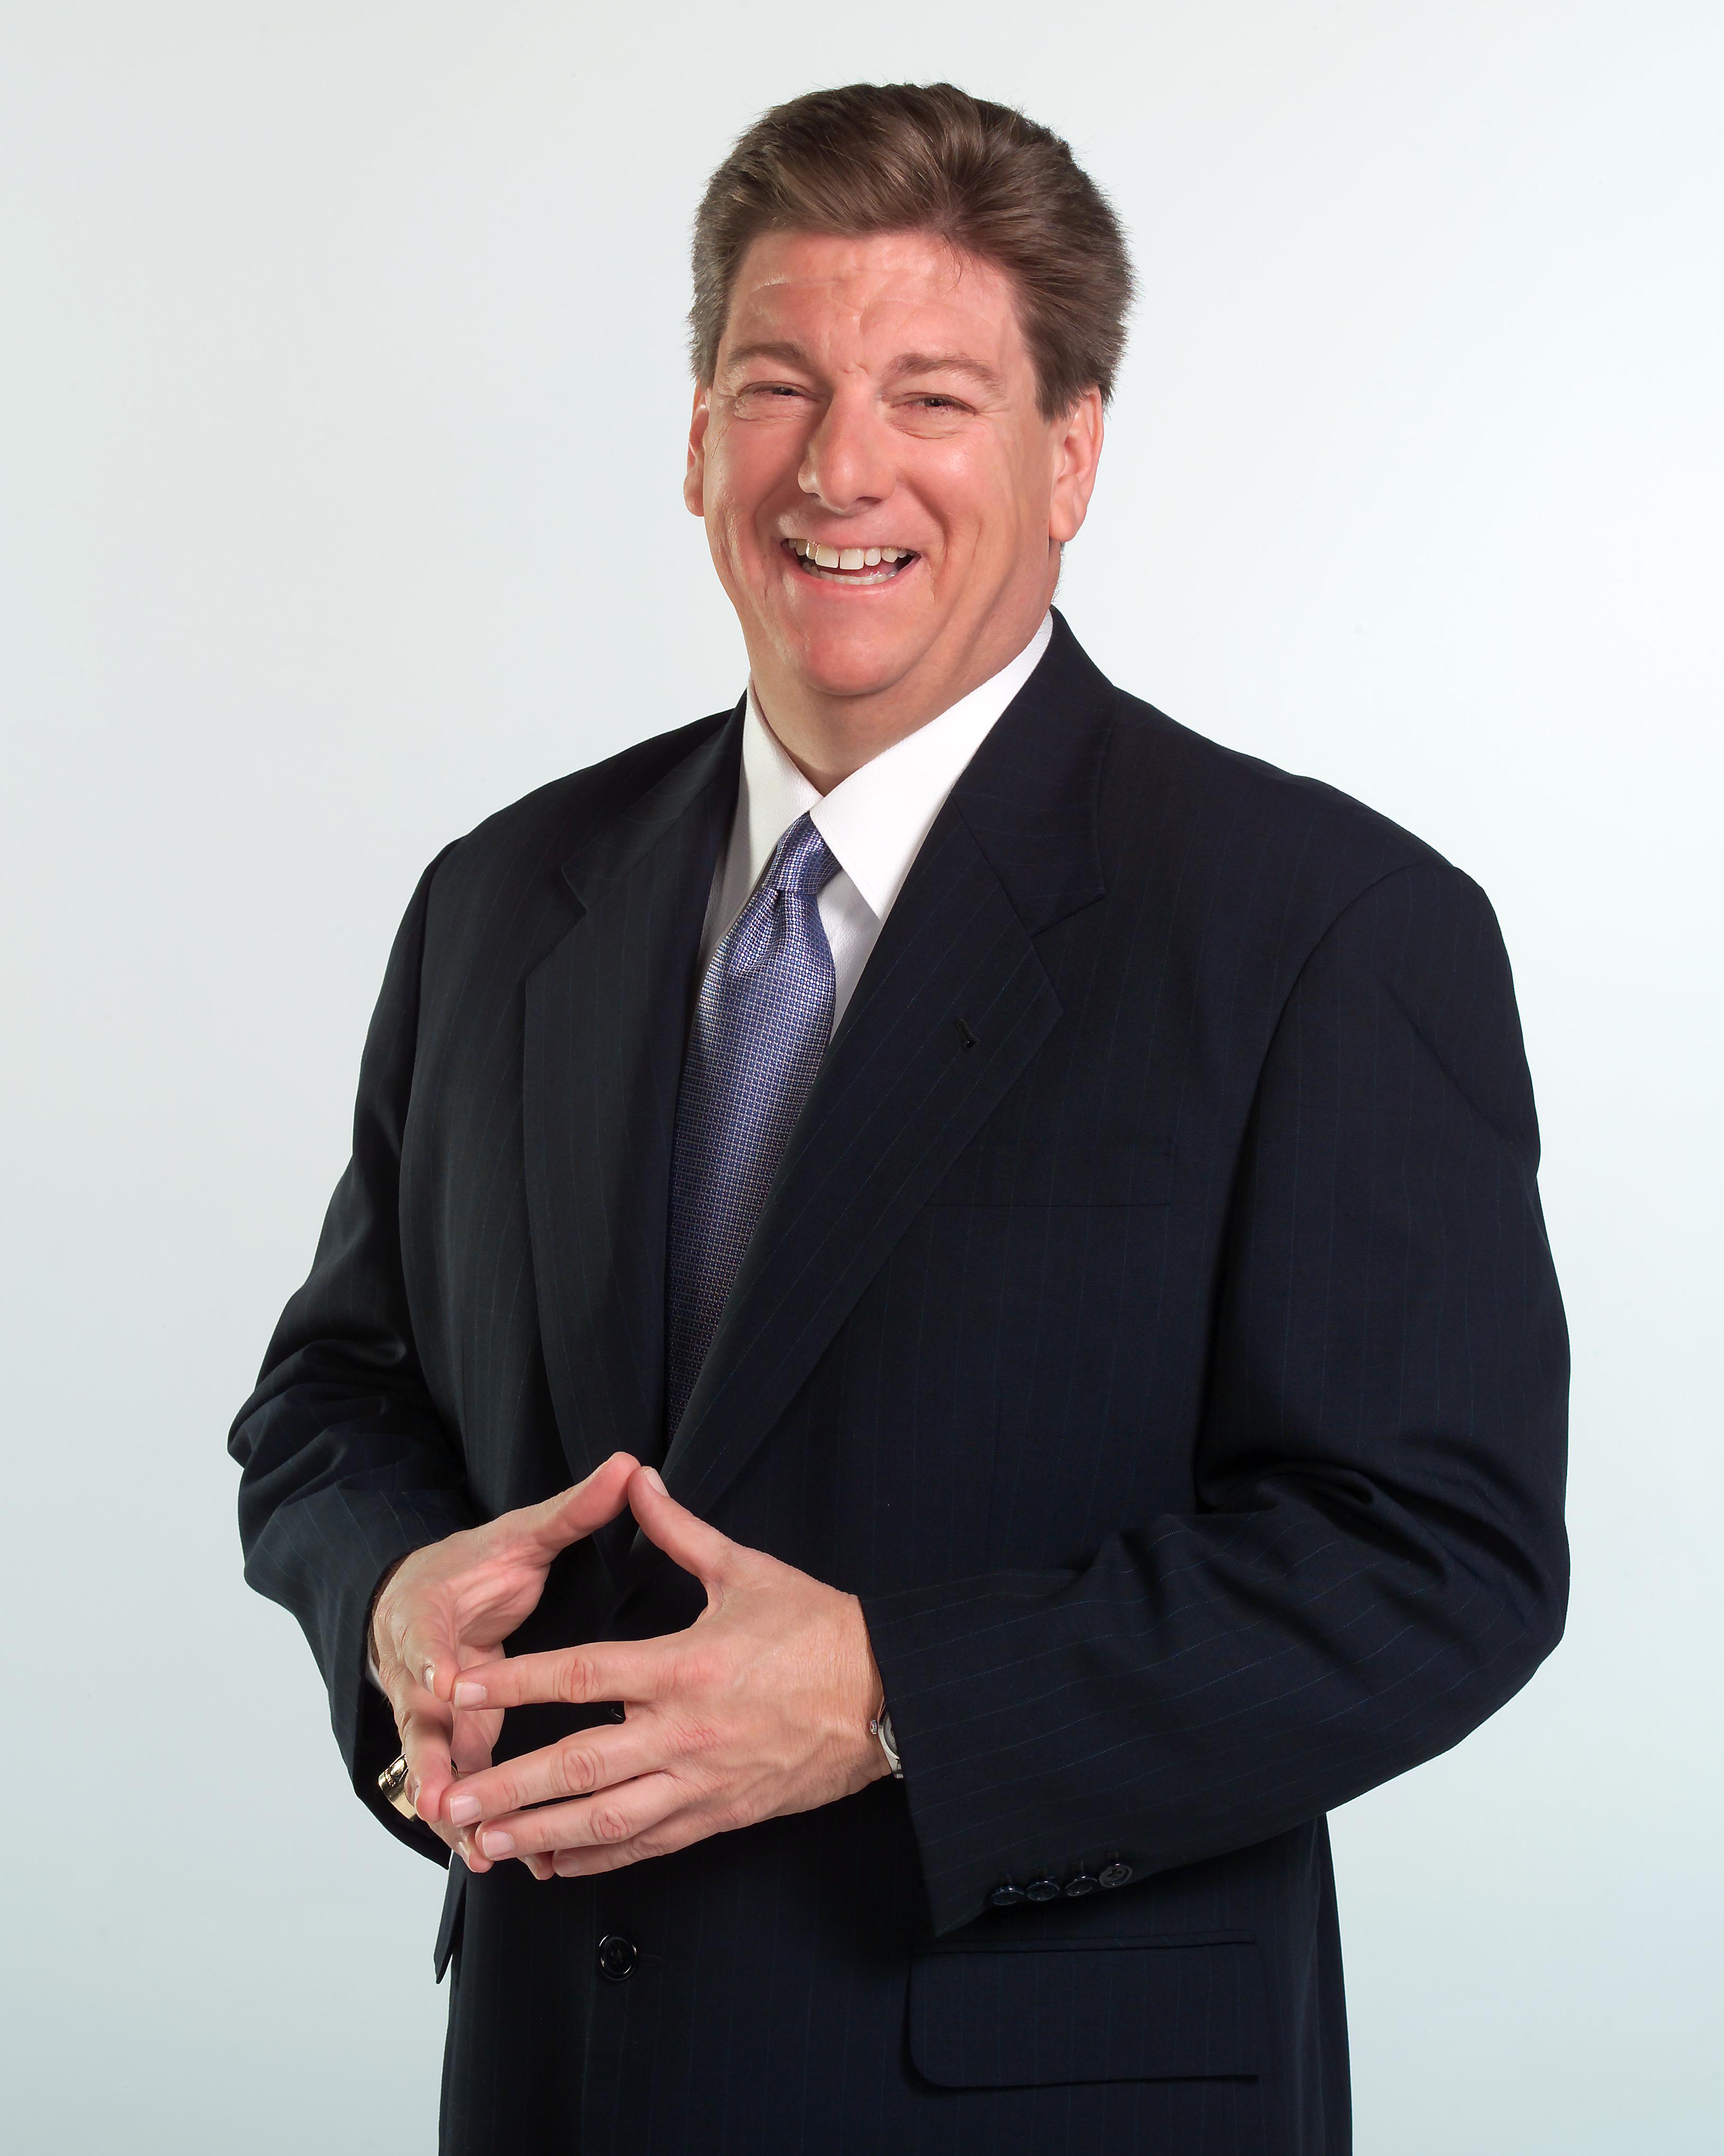 Mike Shustek, chairman & CEO of MVP I and president, CEO & chairman of MVP II.